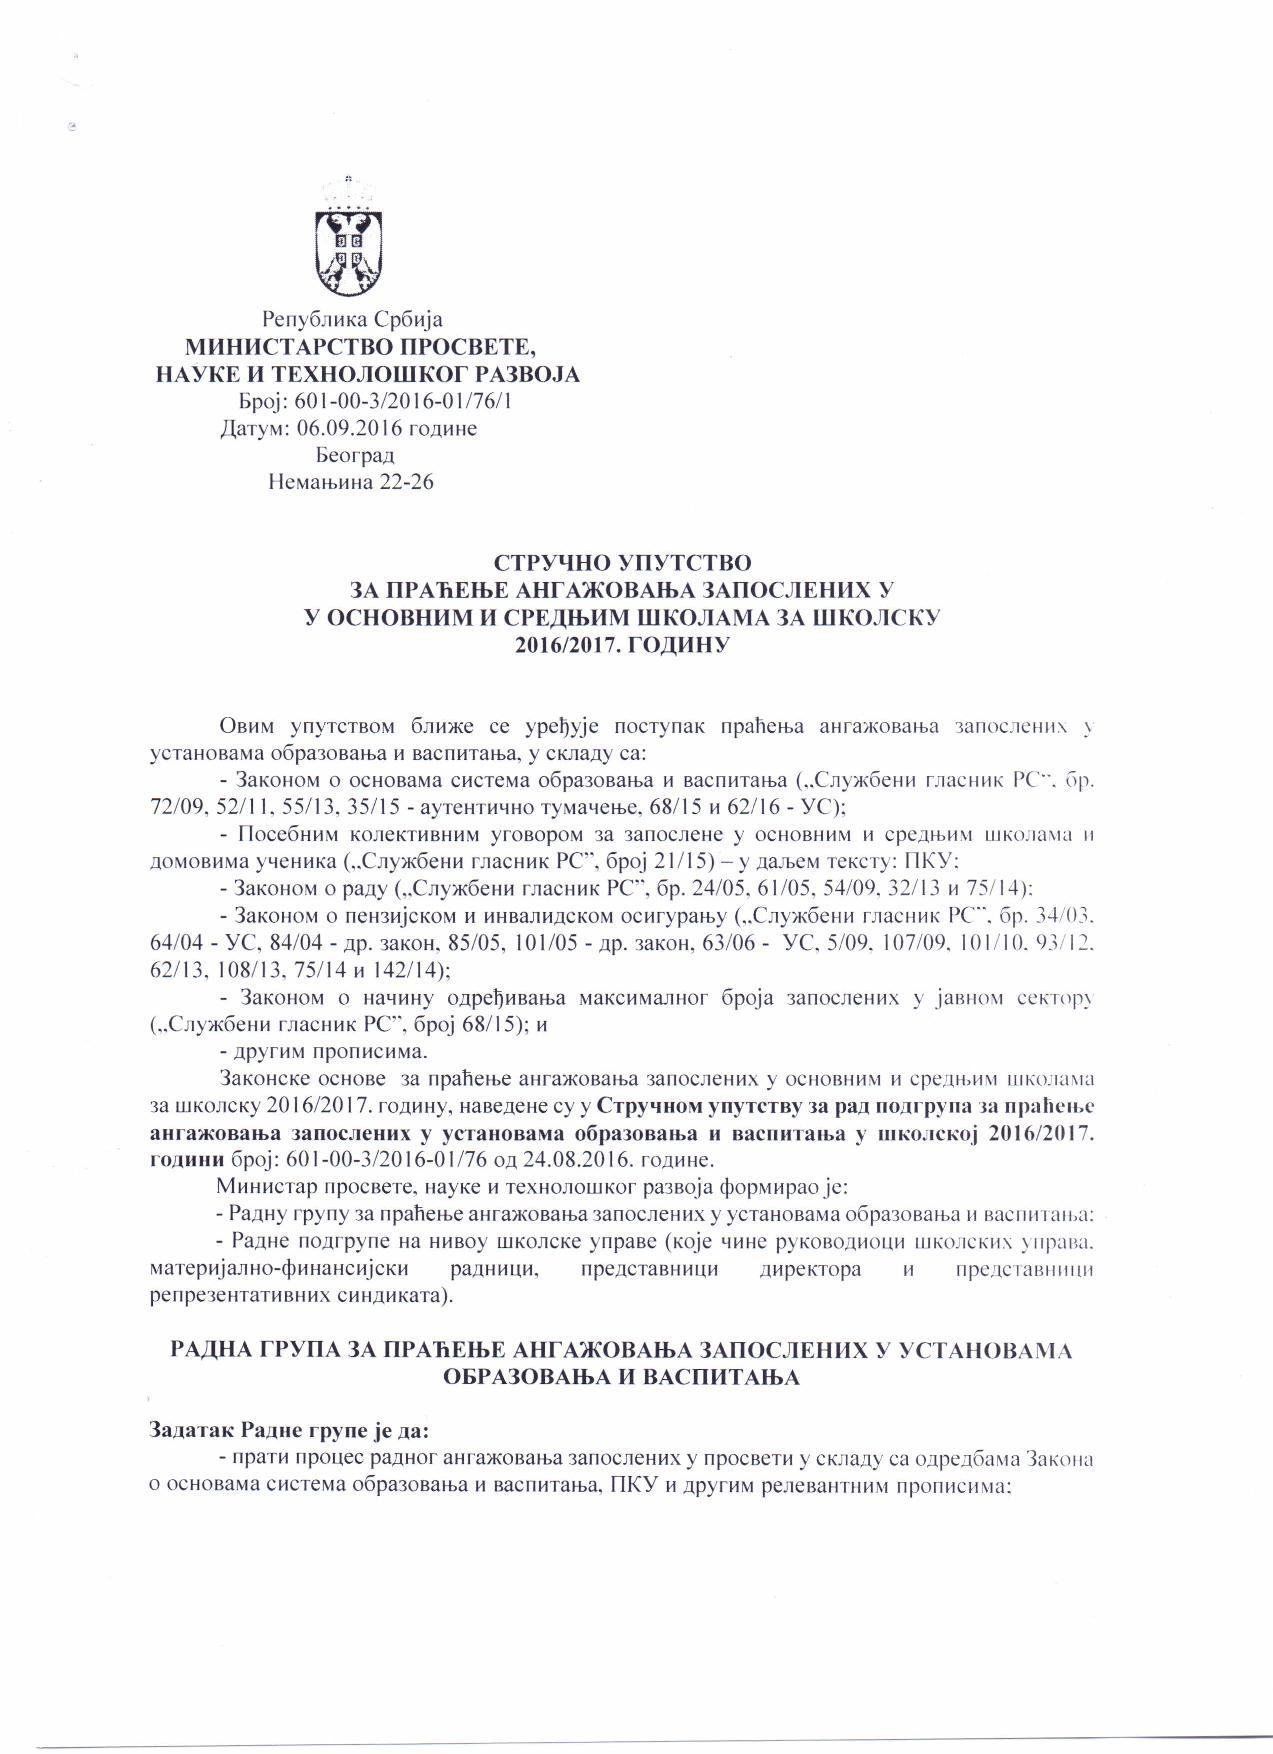 Stručno uputstvo 06.09.2016.-page-001